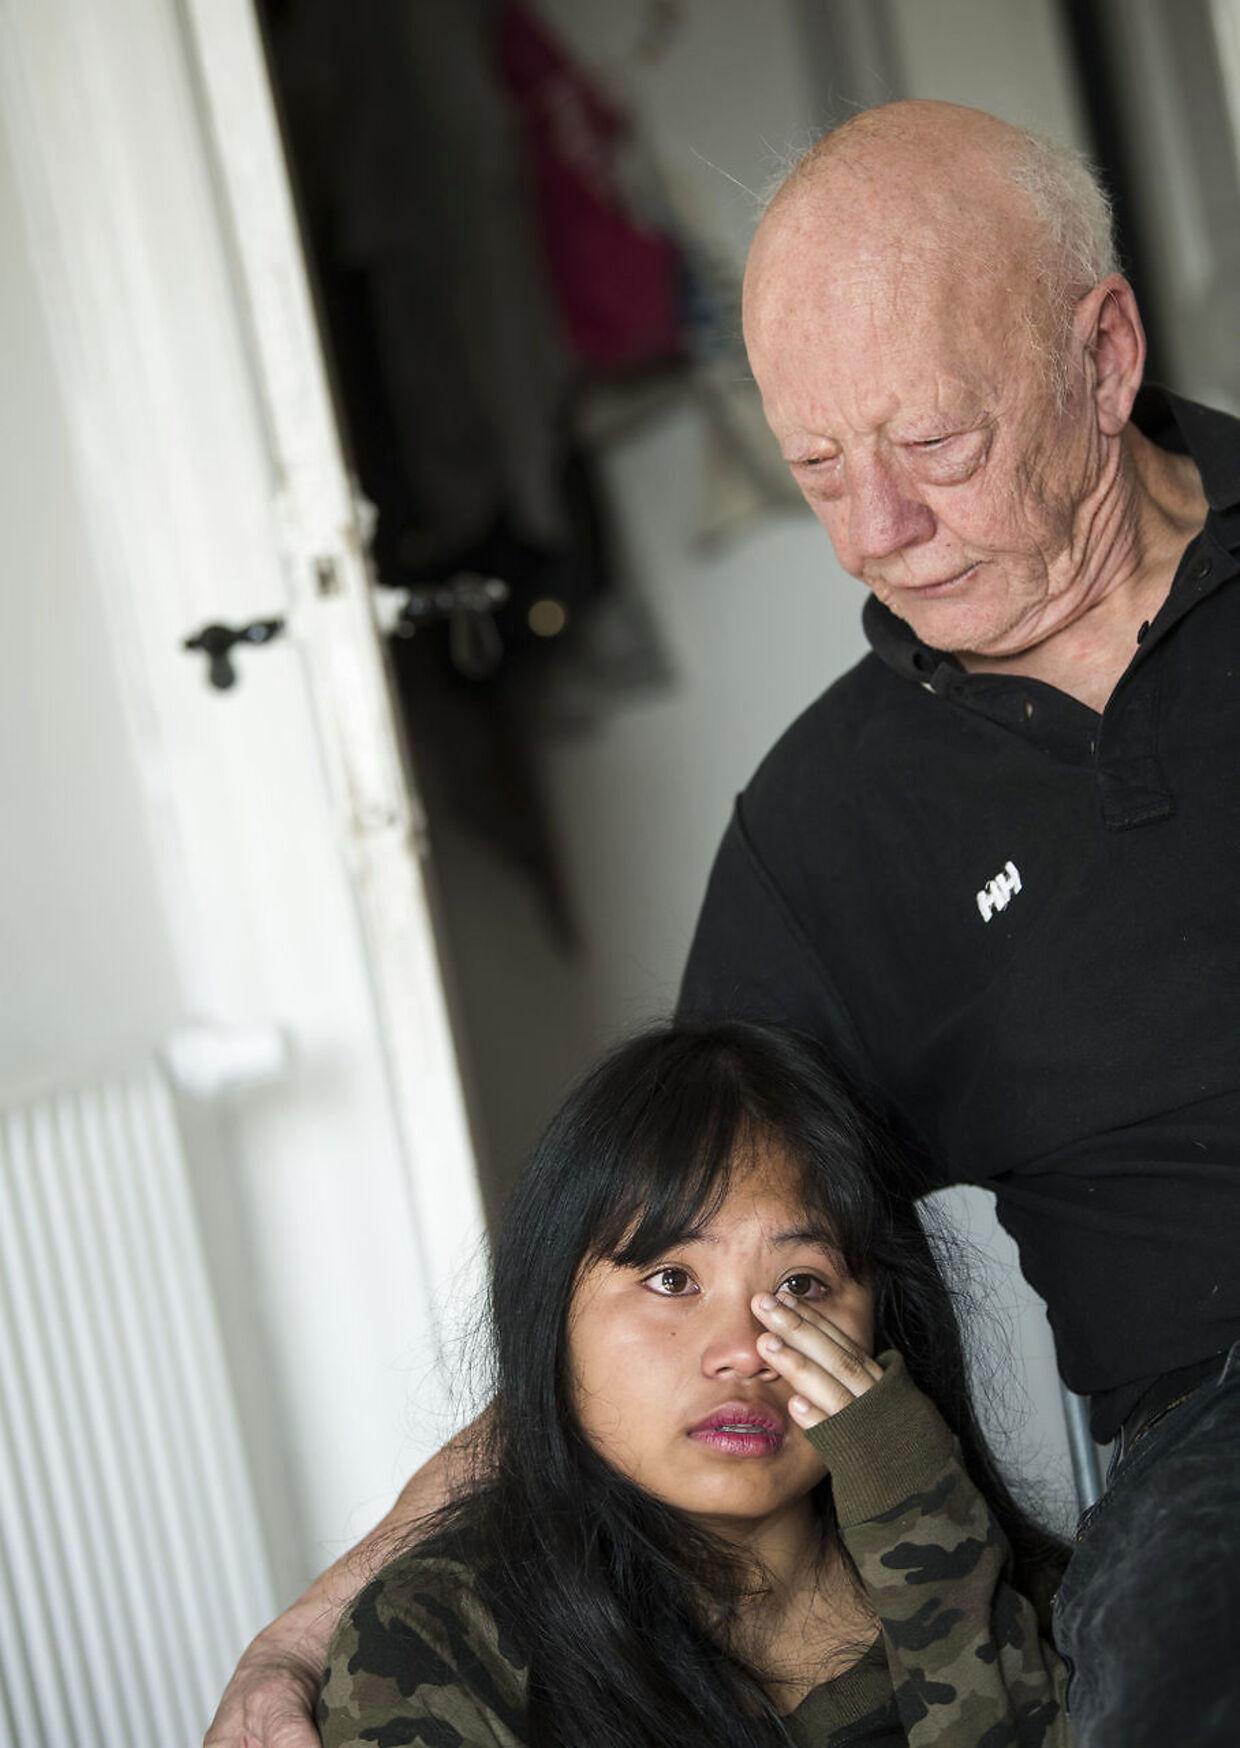 13-årige Poy savner sine venner og sin papbror, efter hun med sin thailandske mor og danske papfar er flyttet til Flensborg.